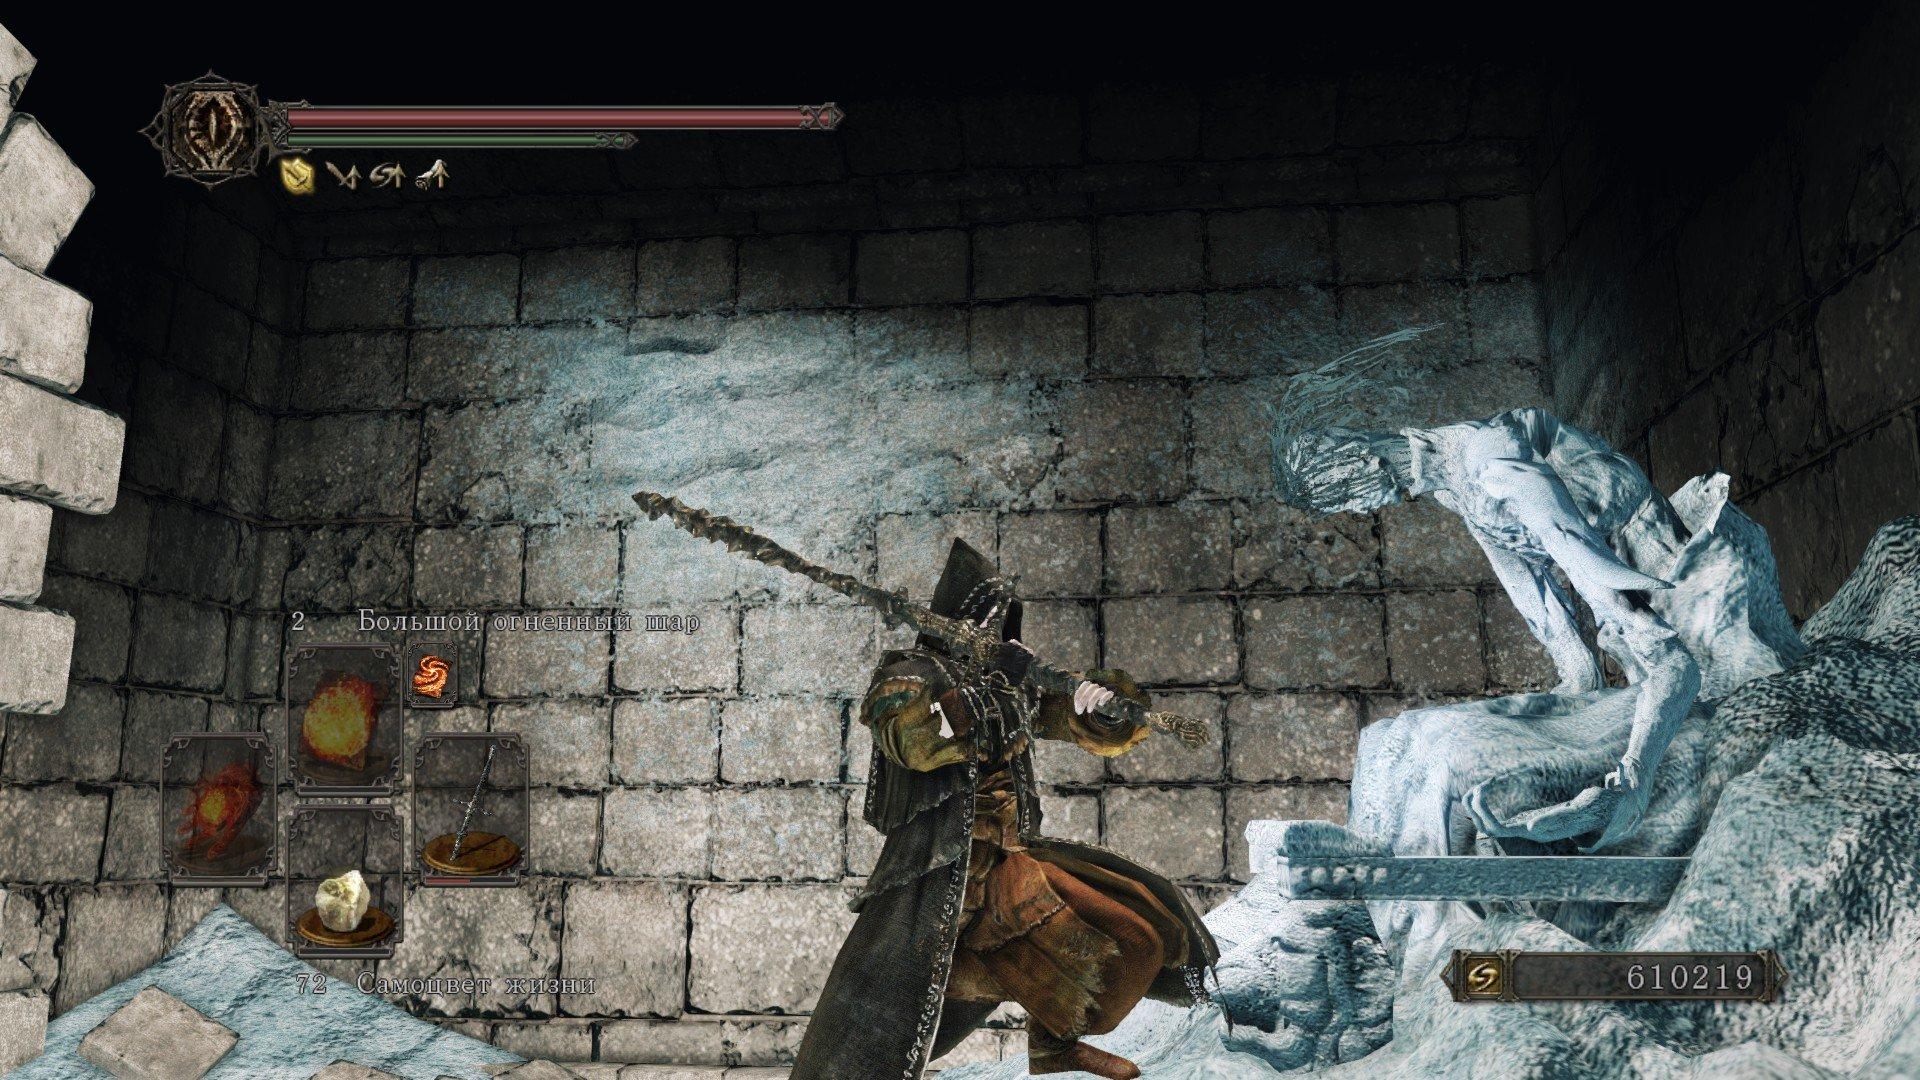 Вопль-прохождение Dark Souls 2 ... получилось много скриншотов -_- - Изображение 26